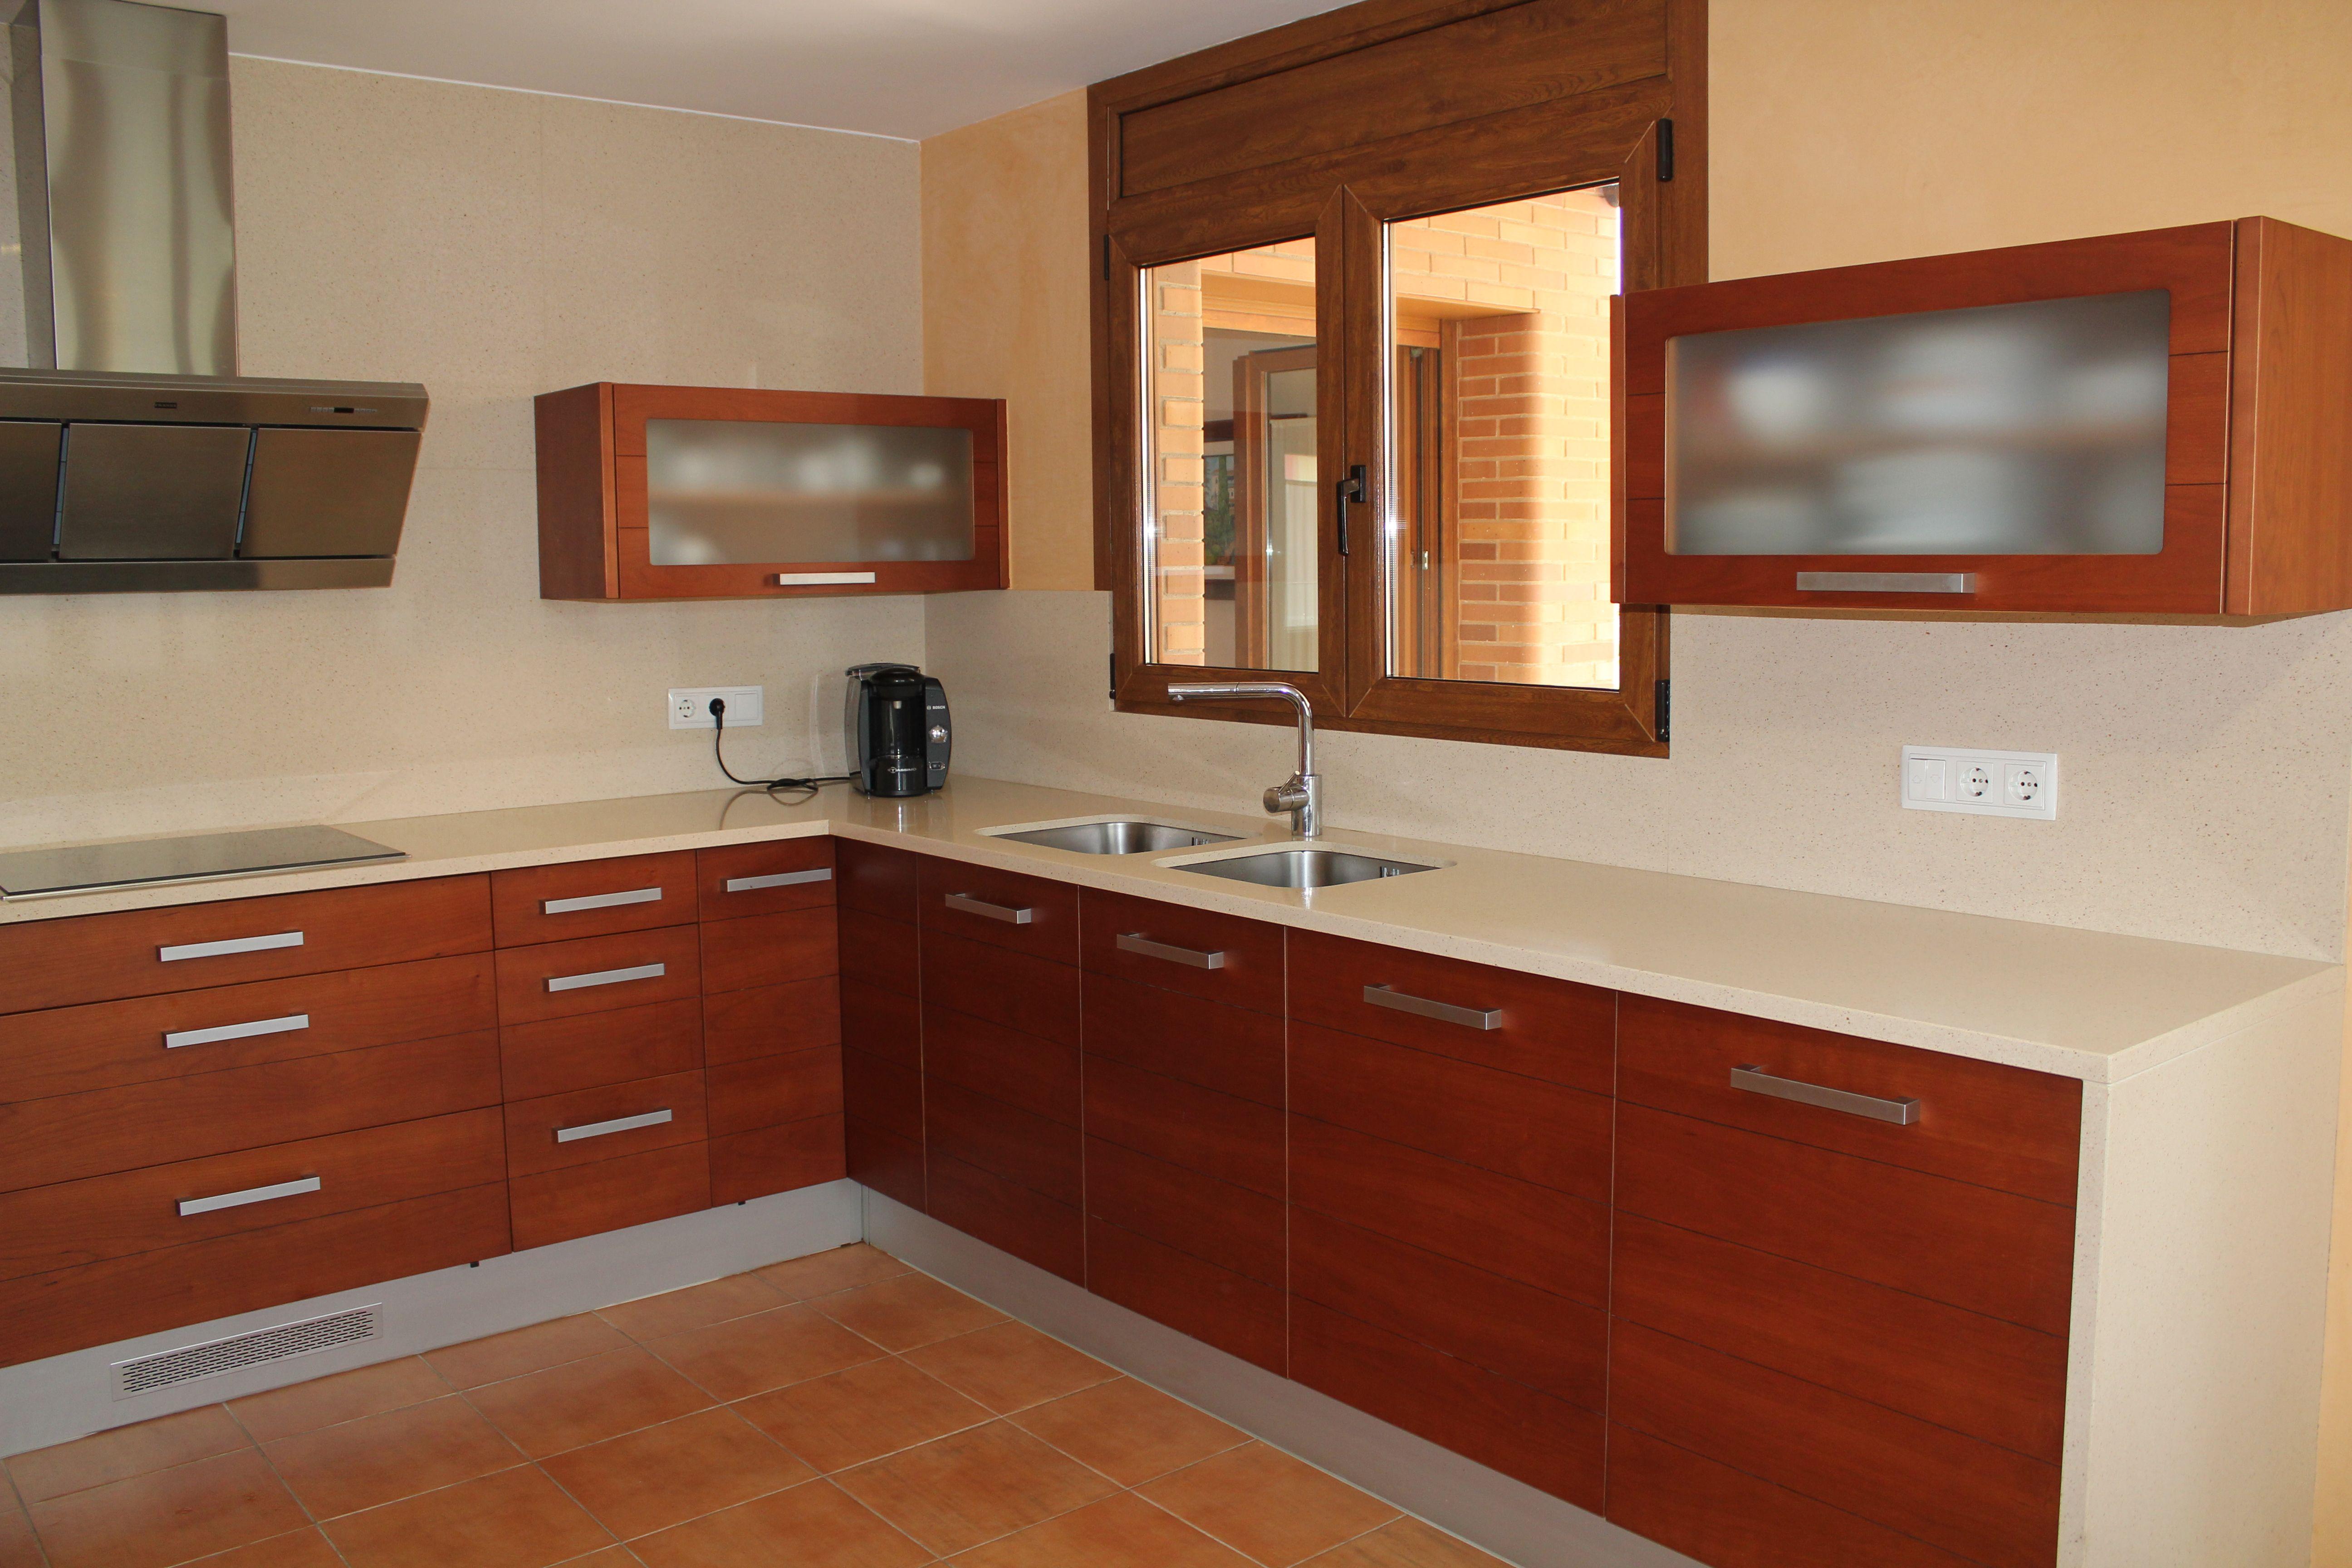 Mobiliario de cocina fabricado en tablero marino chapado for Tableros para encimeras cocina